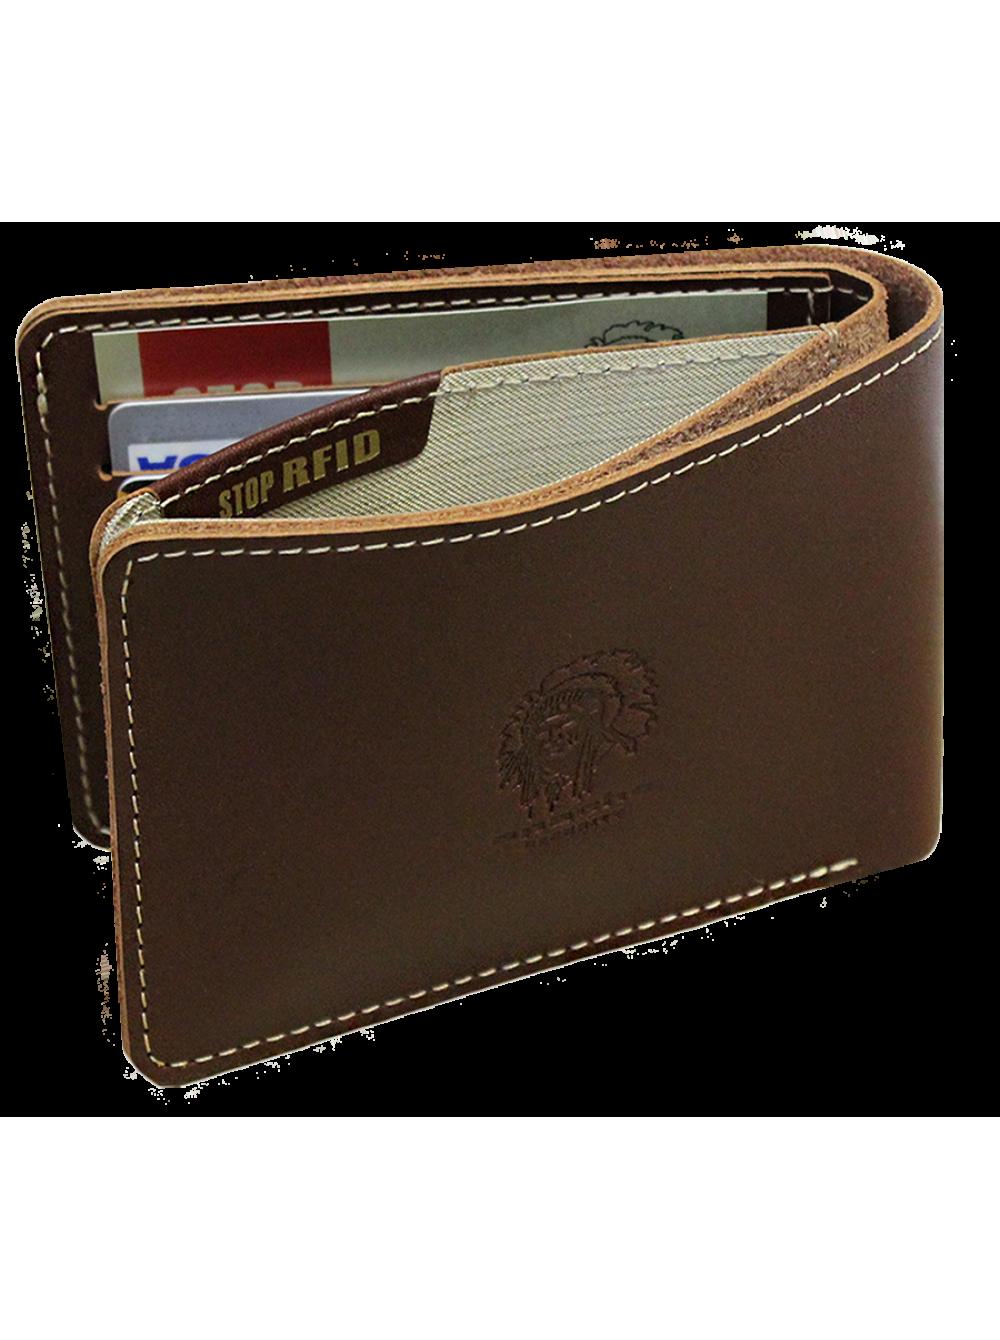 53d97b263068 Мужское кожаное портмоне для документов МК-S Apache RFID купить СПб ...